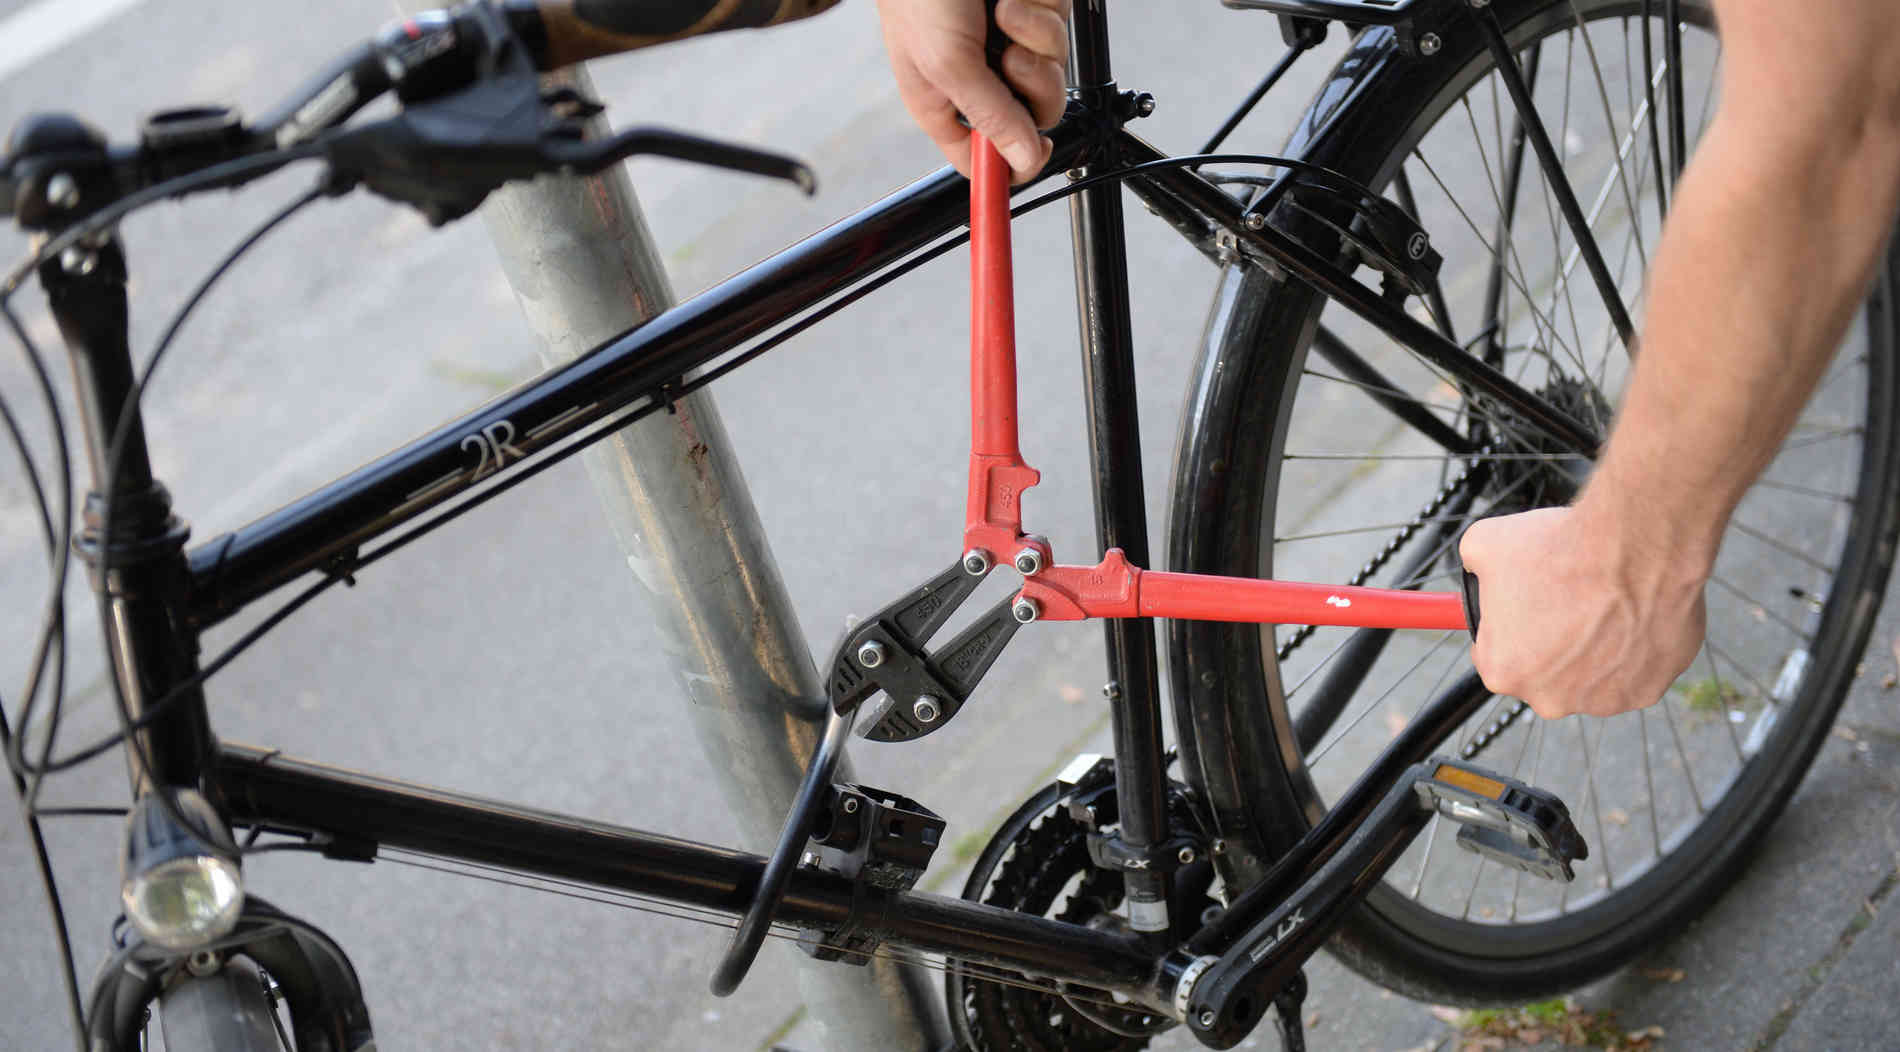 Viele Fahrrad-Schlösser lassen sich leicht aufbrechen